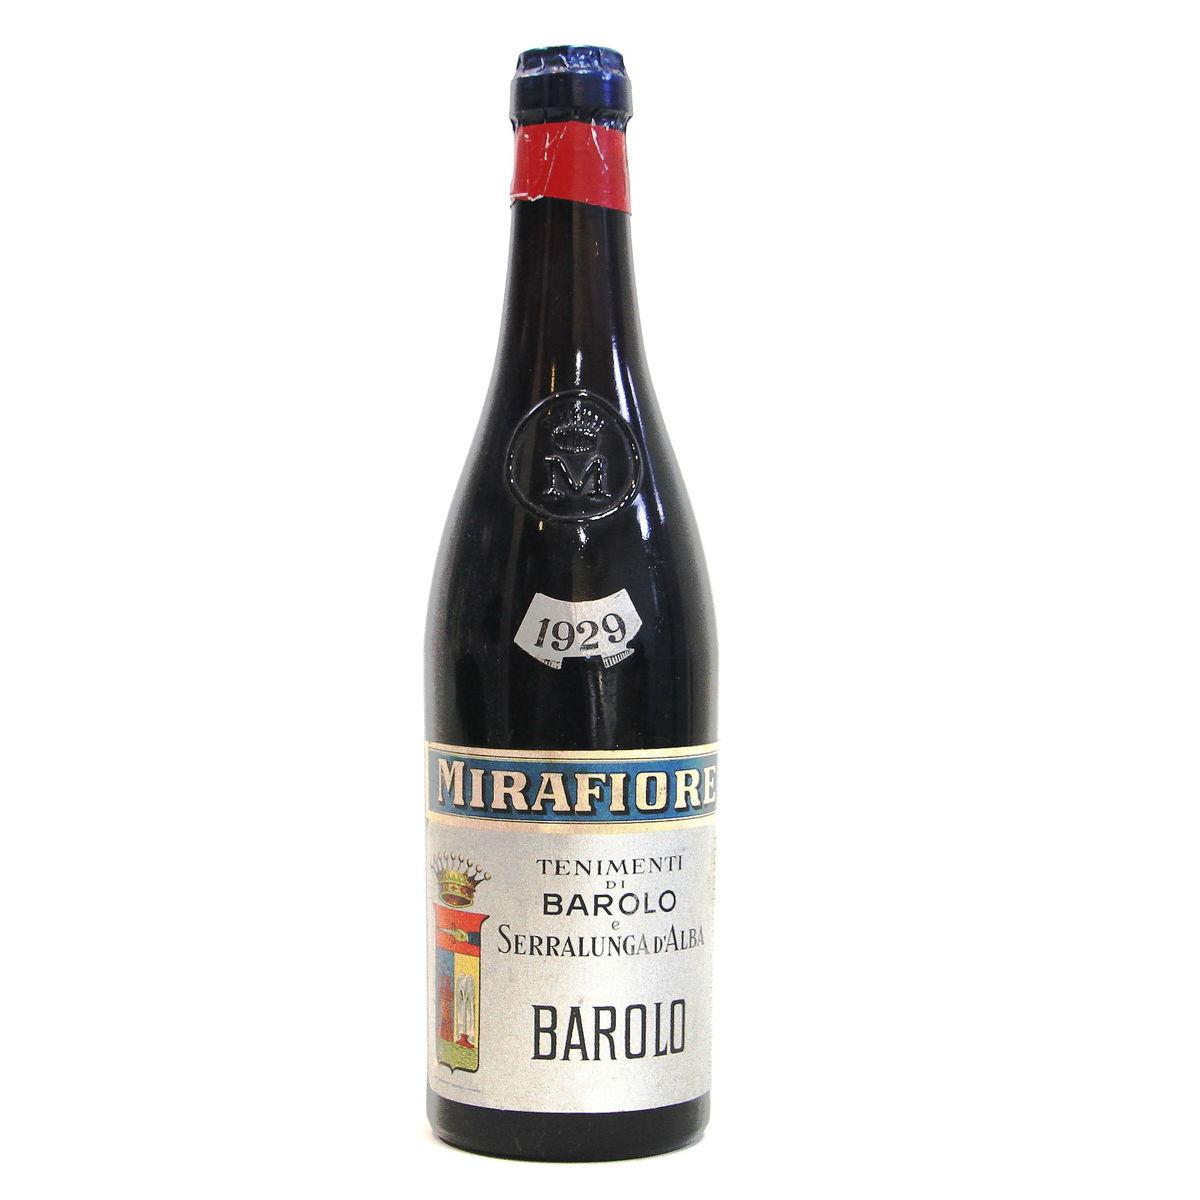 【1929年】バローロ セラルンガ・ダルバ ミラフィオーレ Barolo Seralunga d`Alba Mirafiore イタリア ピエモンテ州 赤ワイン 750ml